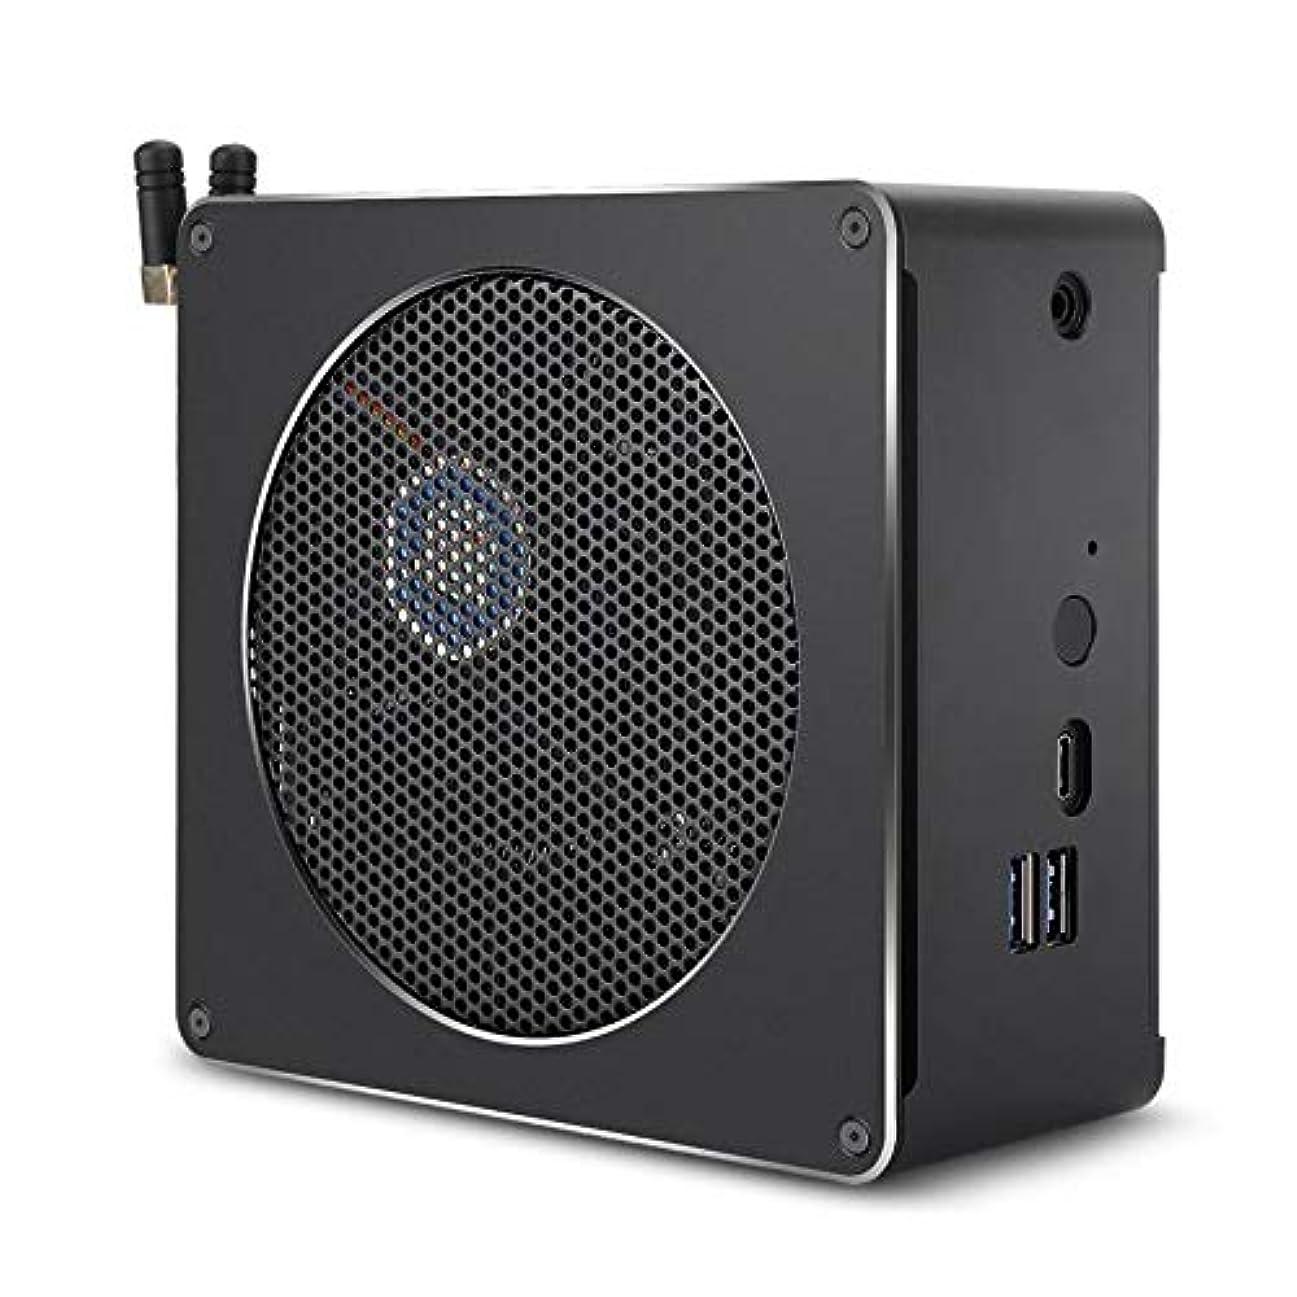 恐ろしいですストレージハドルOOP ギガビットルータ、インテルCore第8世代のファン&アンテナ、サポートのBluetooth 4.2&2.4G / 5.0Gデュアルバンド無線LAN&RJ45ギガビット有線ネットワークカード(ブラック)とi7-8750H 8G + 128G 6つのコア2.2-4.1GHz、ミニPC (色 : Black)